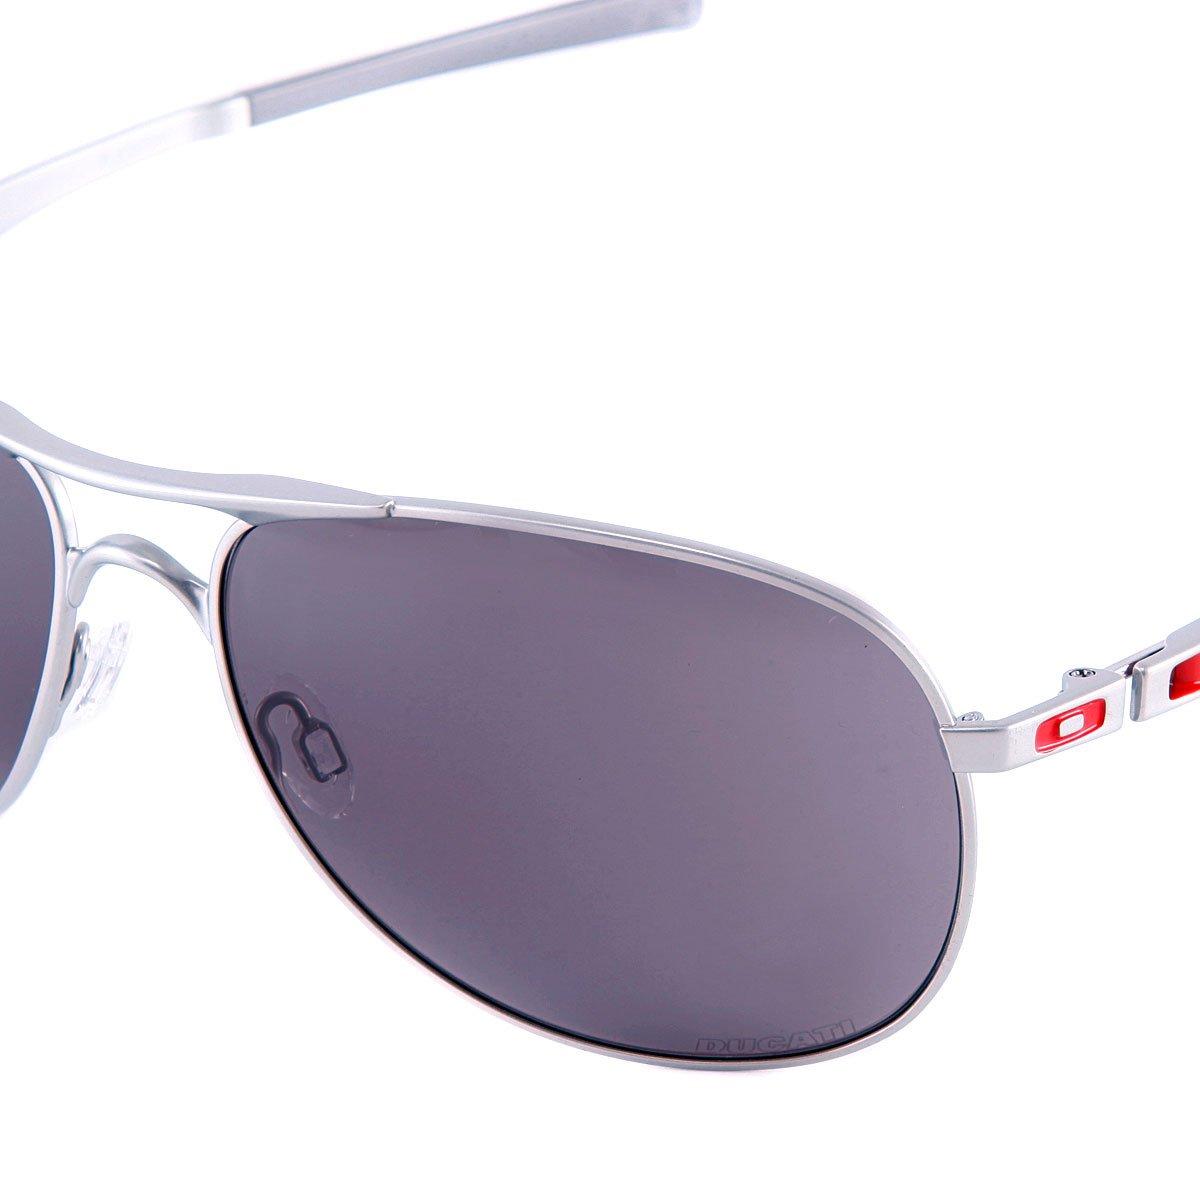 oakley ducati plaintiff sunglasses silver / warm grey | www